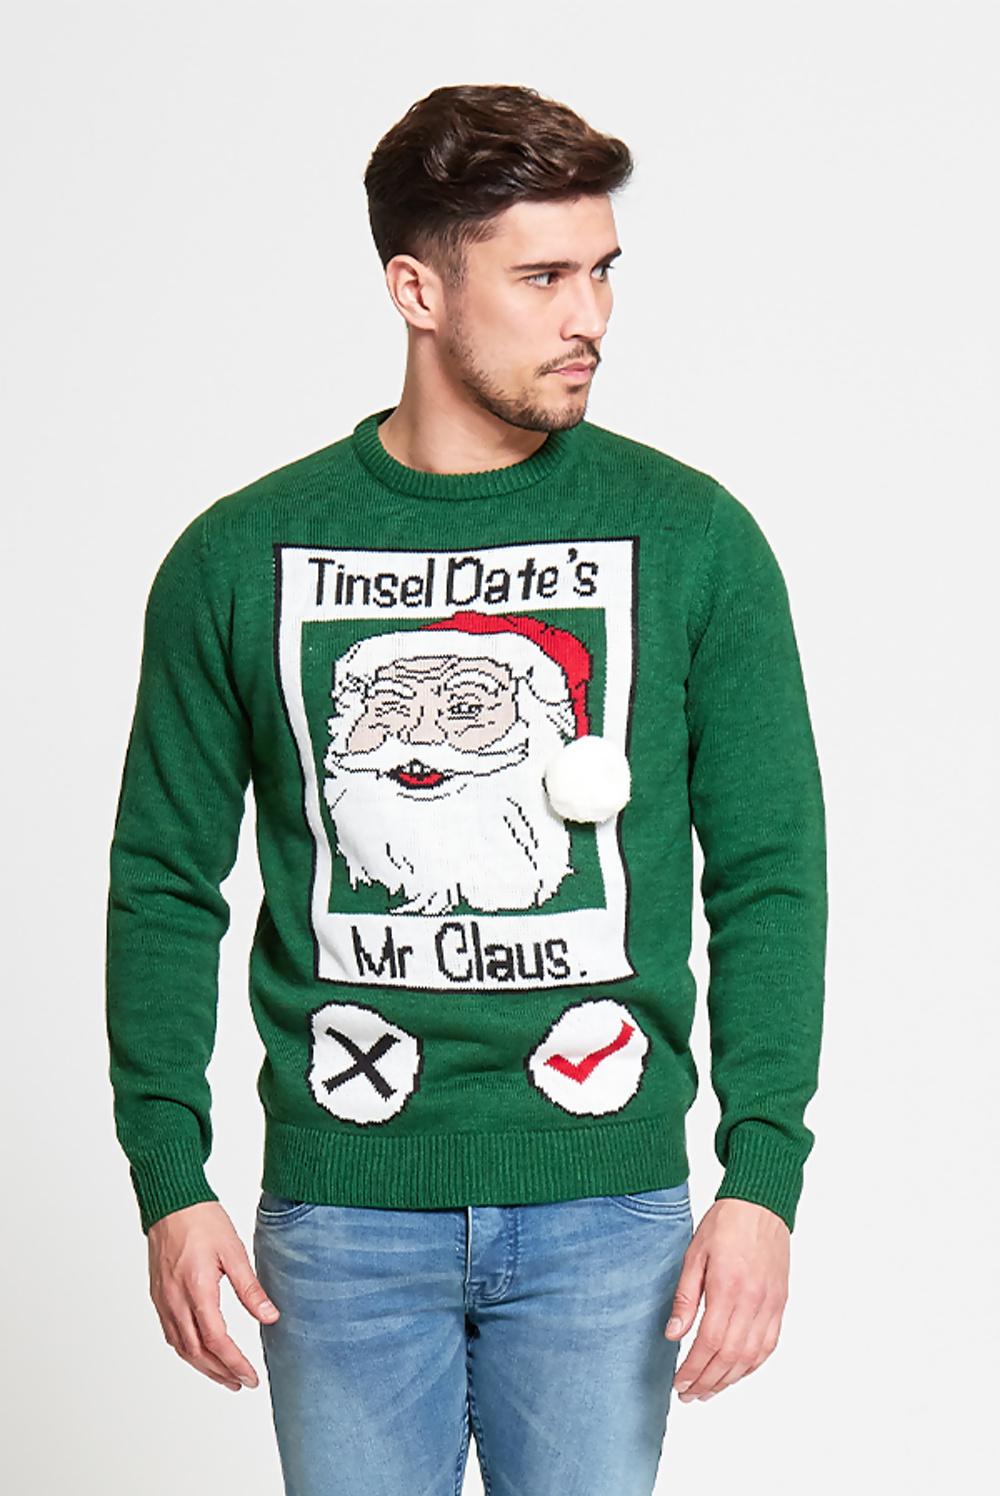 Green xmas jumper